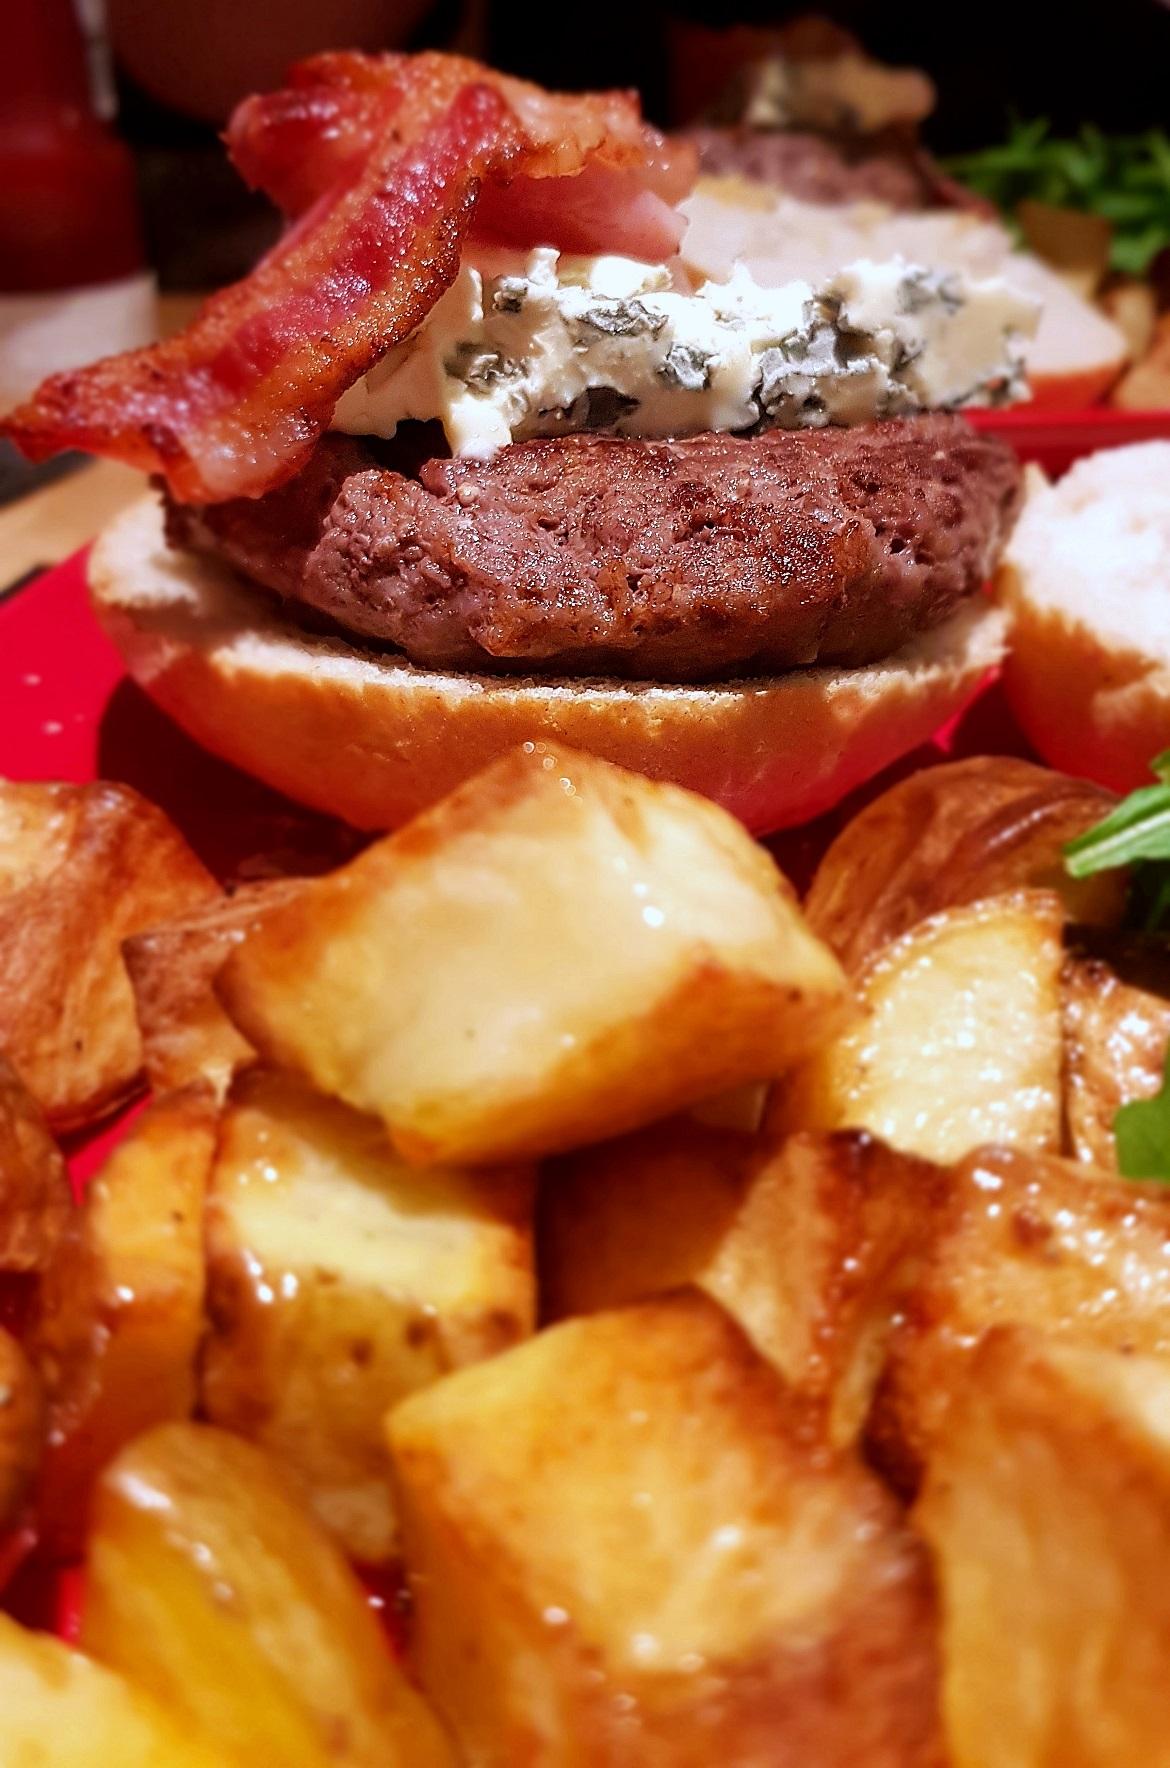 Gourmet burgers - November Monthly Recap by BeckyBecky Blogs